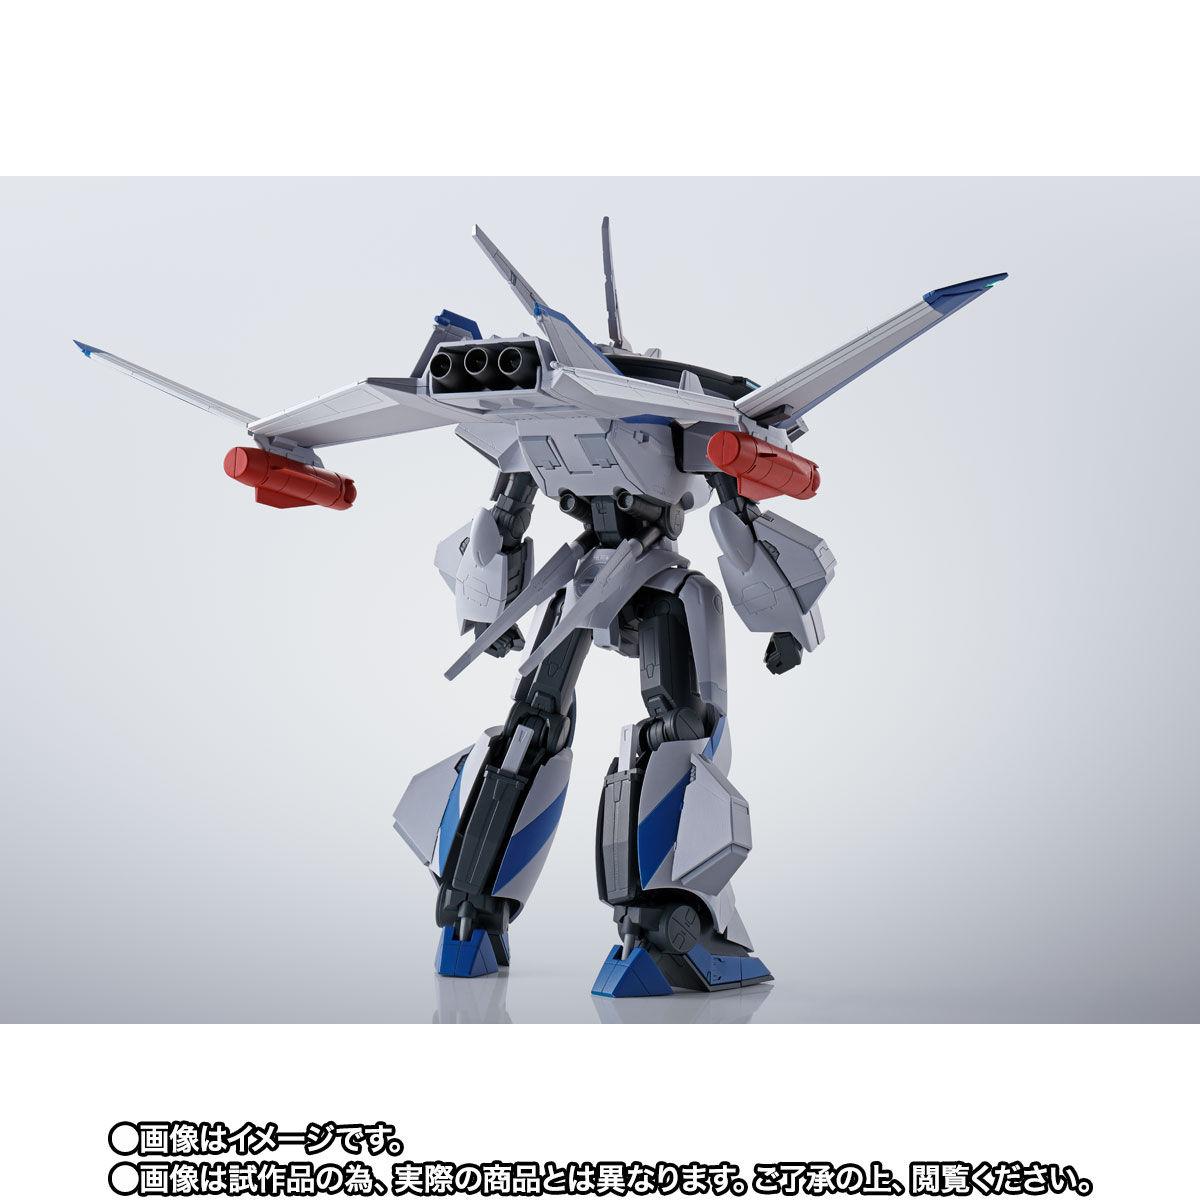 【限定販売】HI-METAL R『ドラグナー3』機甲戦記ドラグナー 可動フィギュア-007